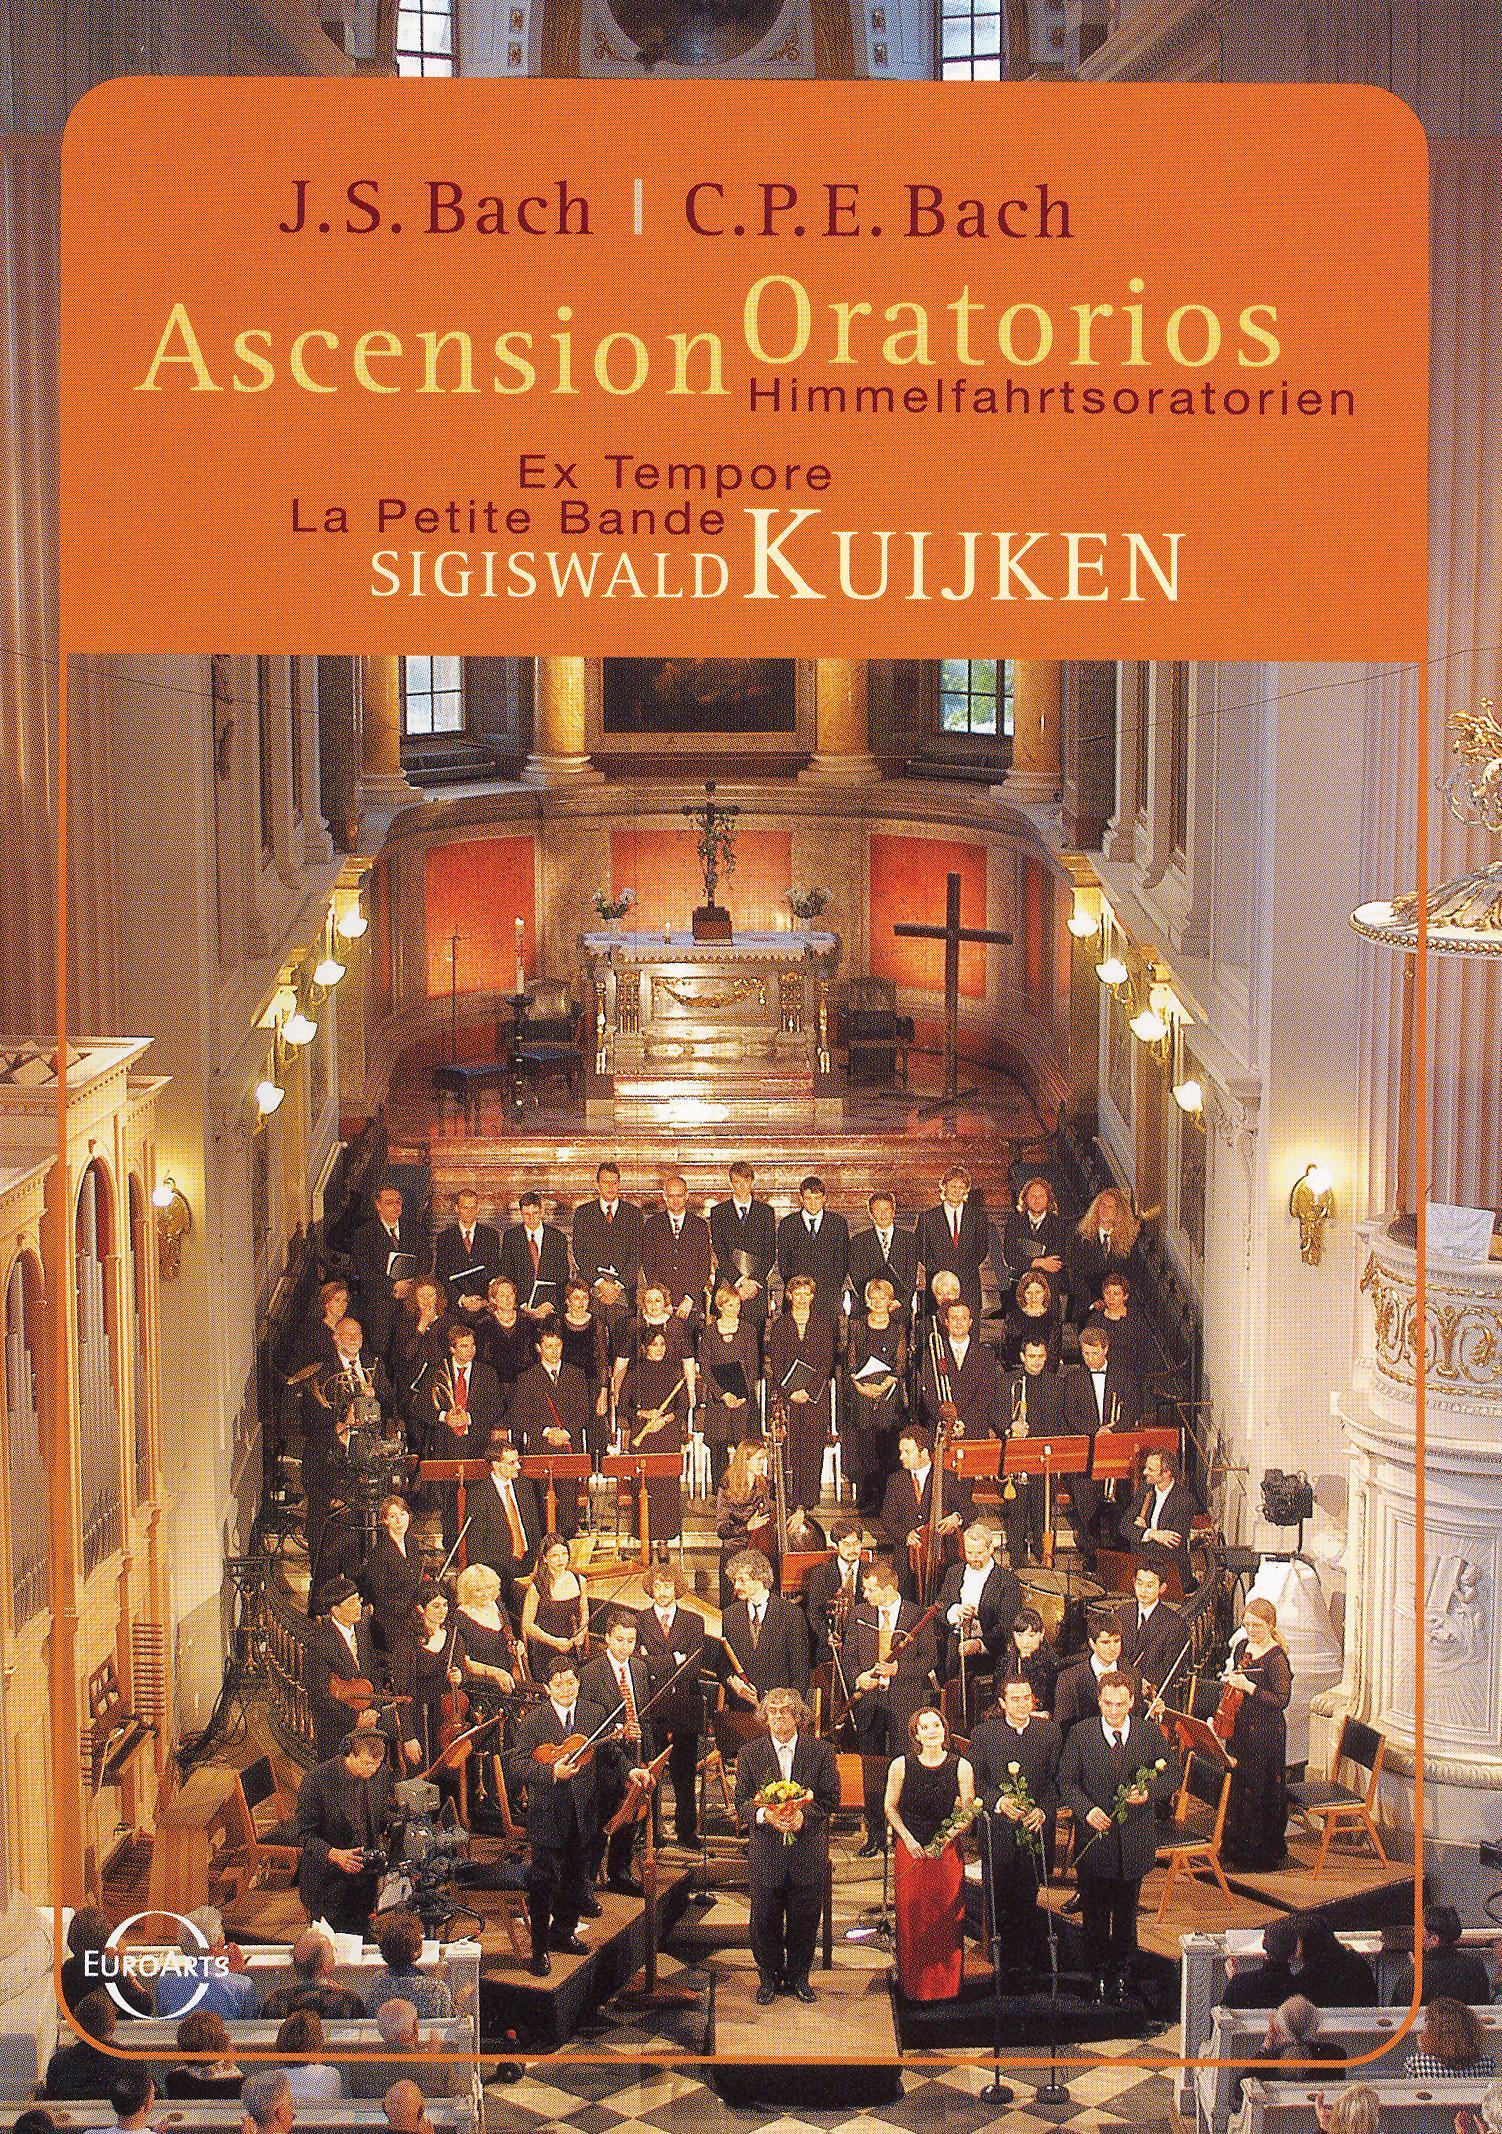 Ascension Oratorios